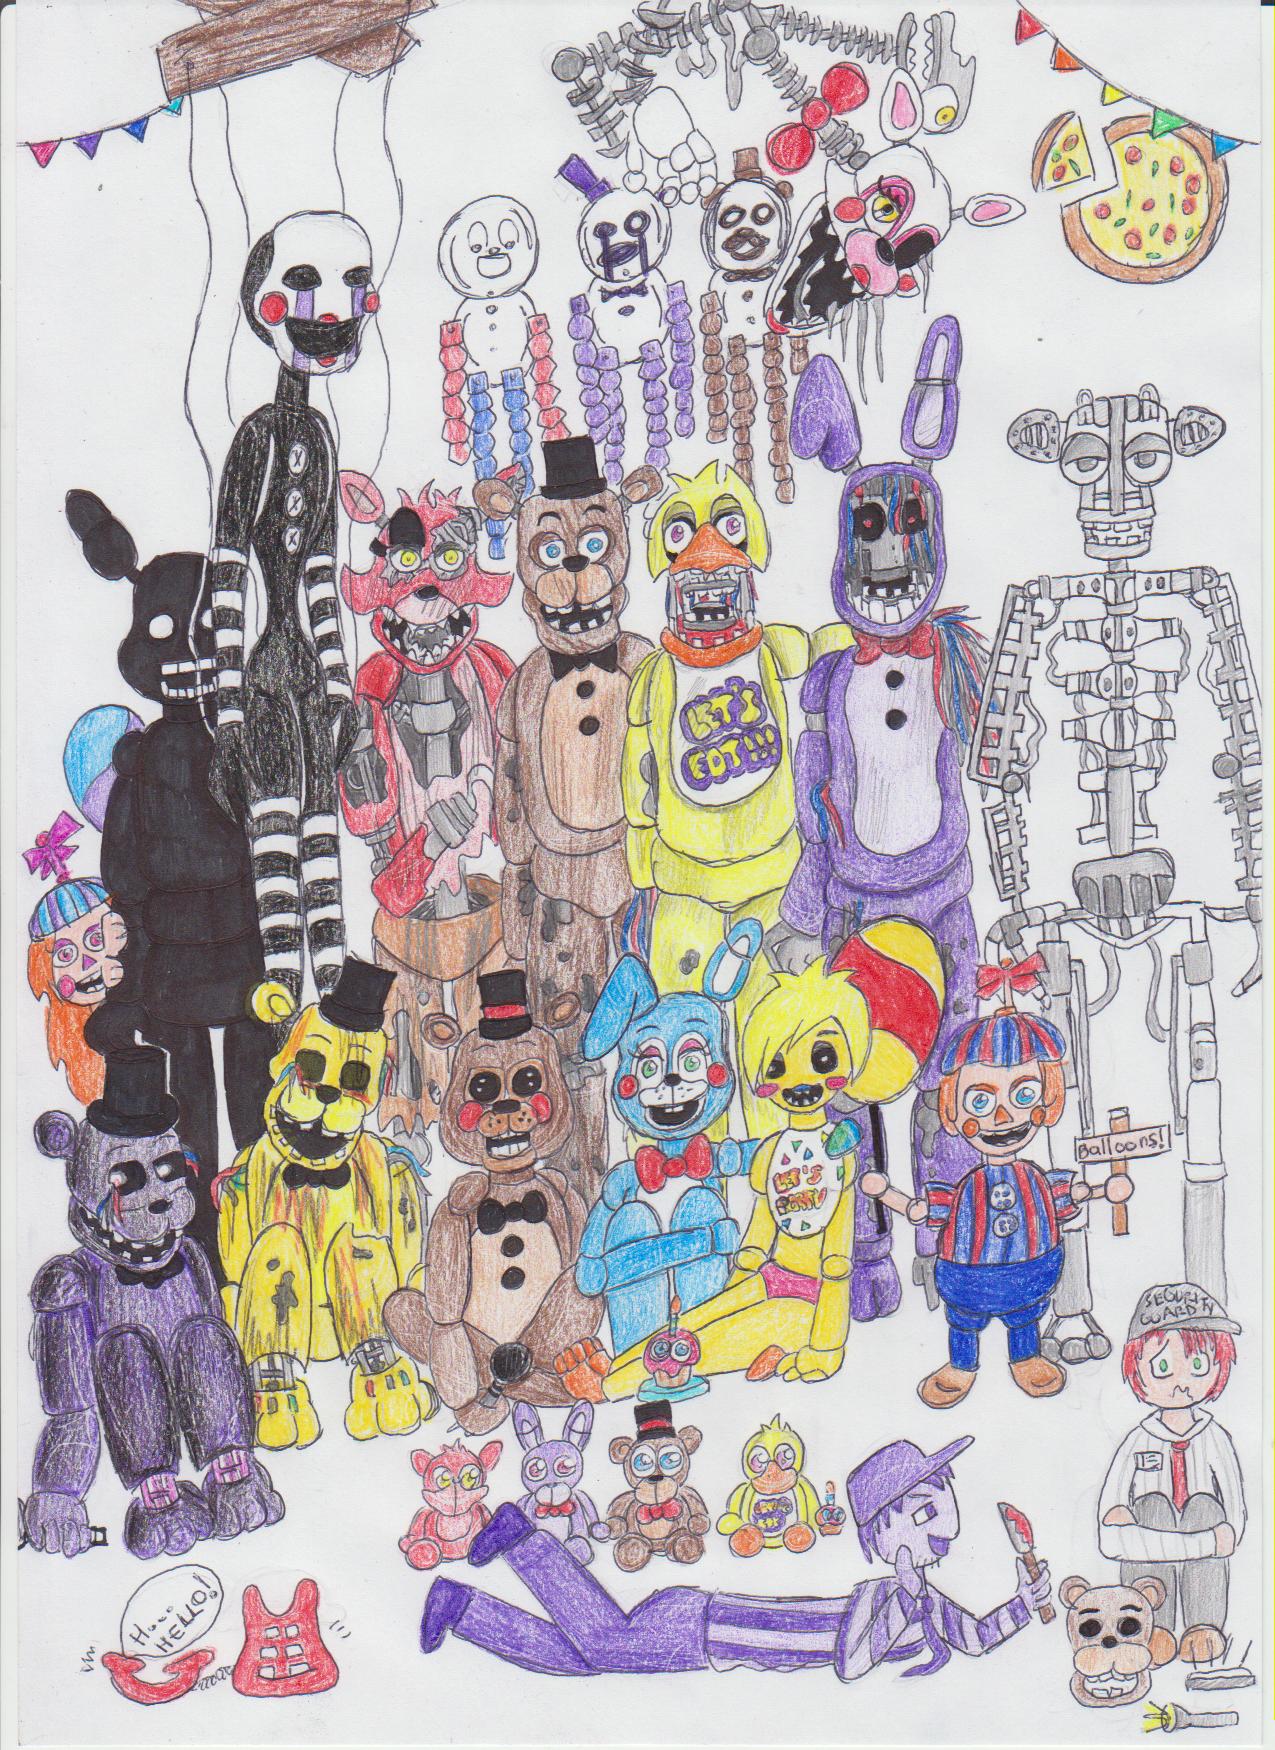 all fnaf characters - Google Search | Drawings | Fnaf drawings, Fnaf